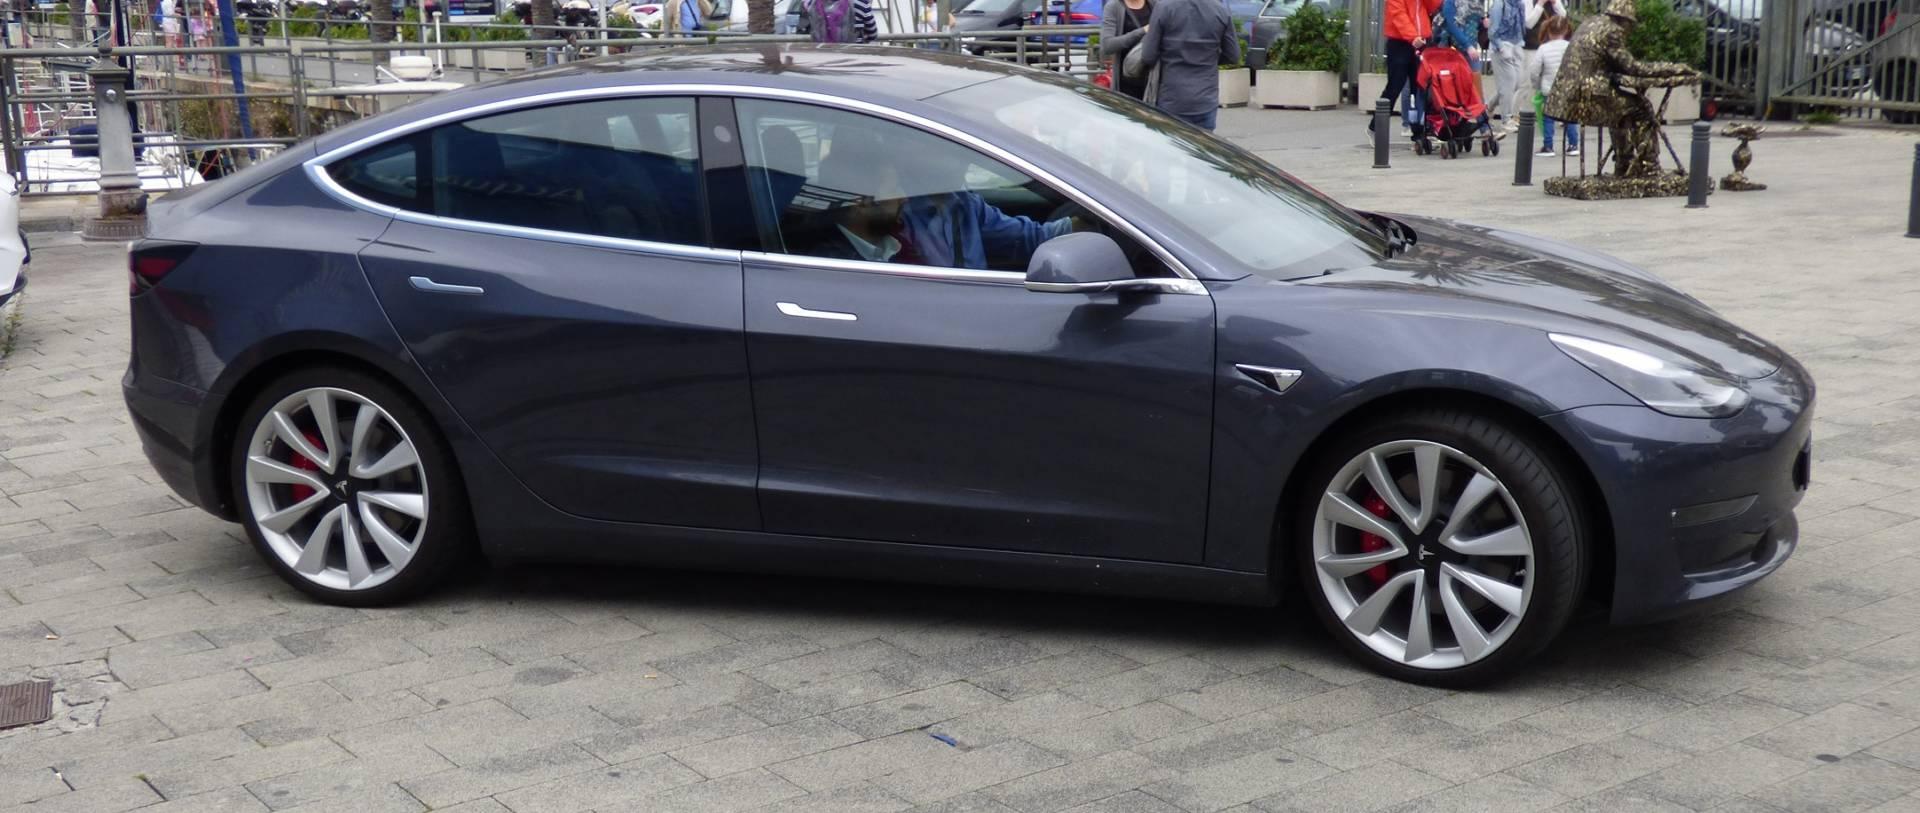 Tesla Model 3 test drive su strada in Italia: tutte le caratteristiche